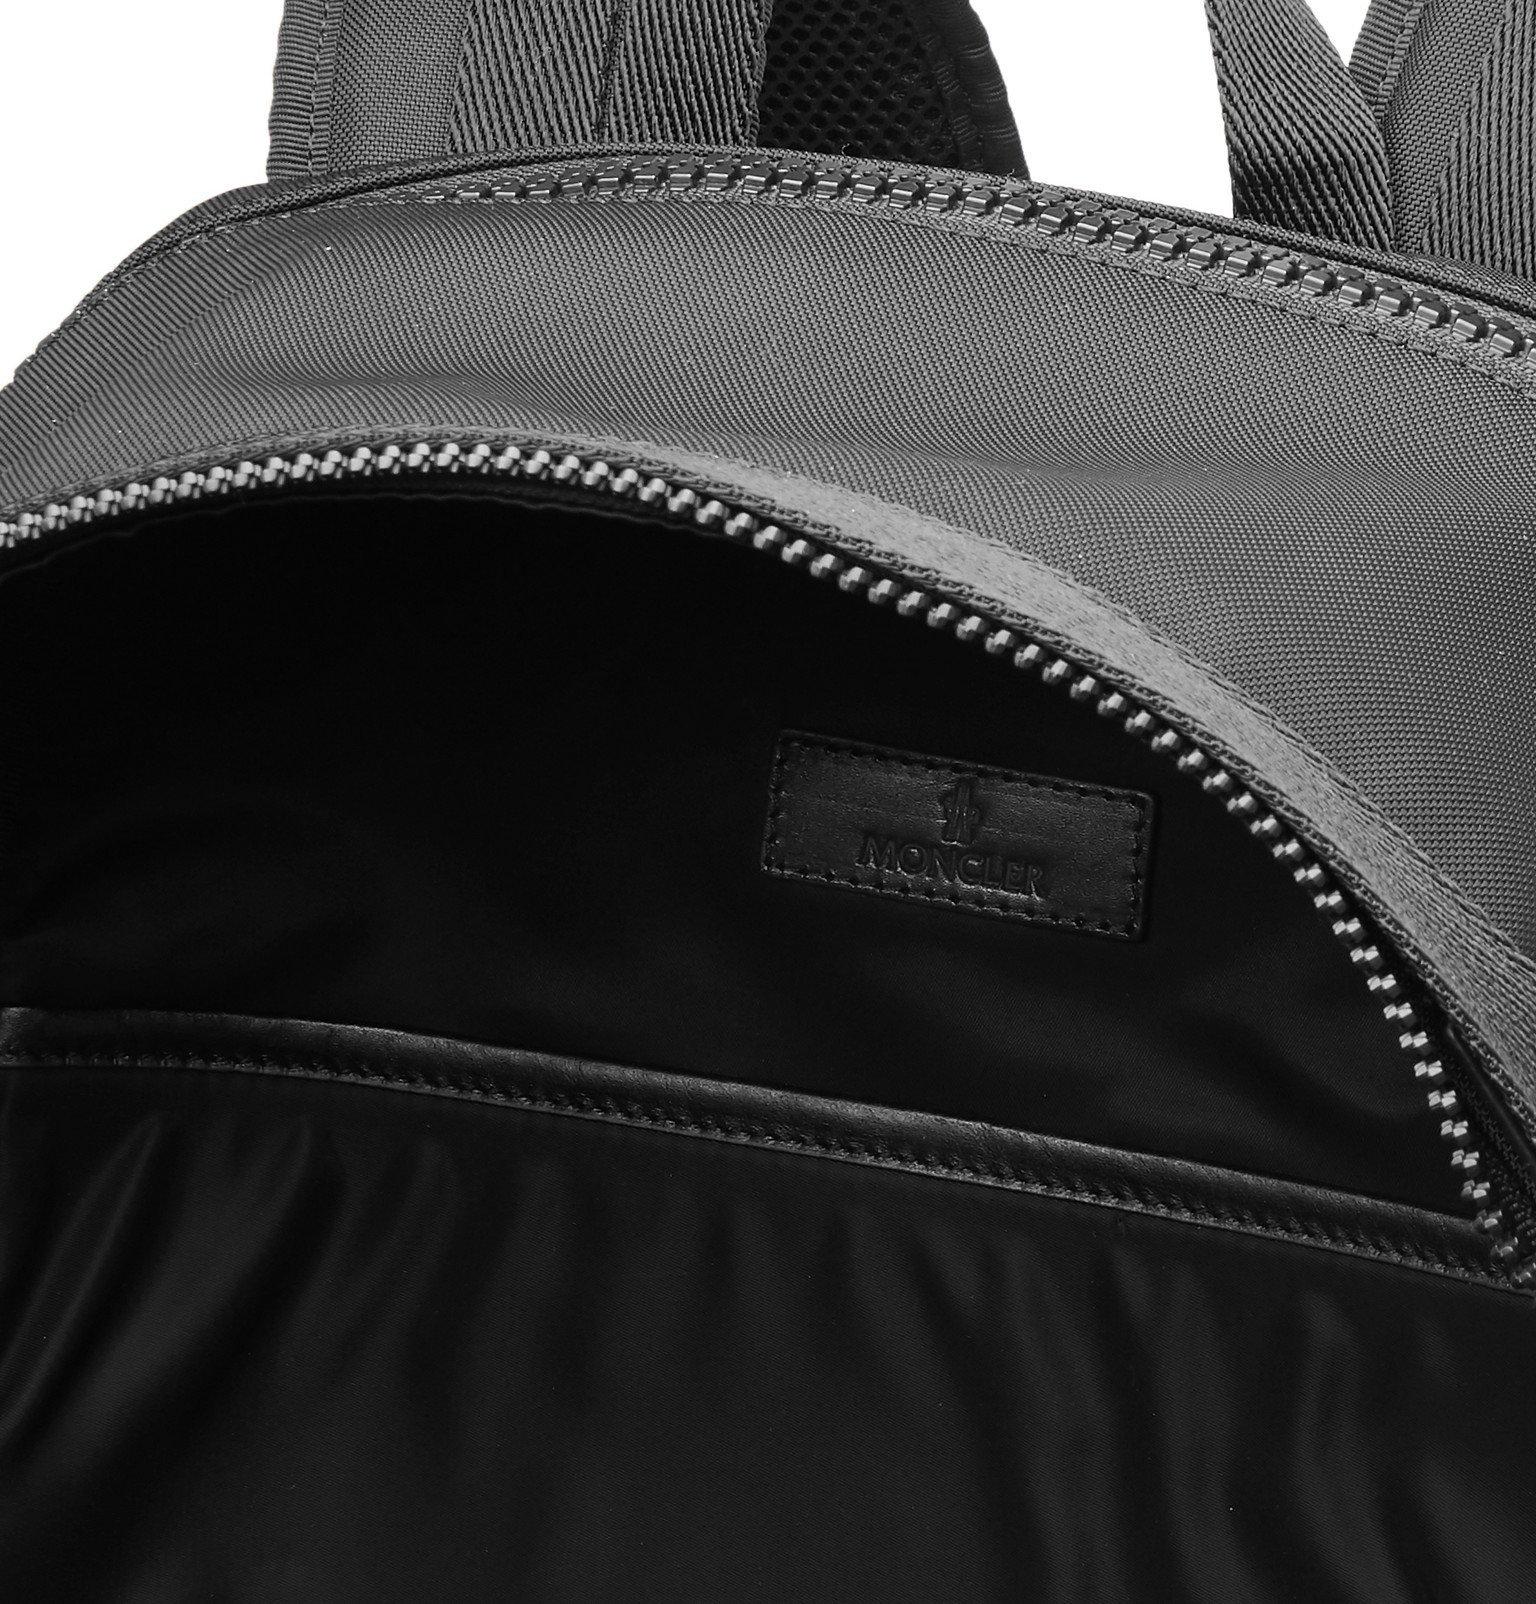 Moncler - Gimont Logo-Print Grosgrain-Trimmed Canvas Backpack - Black